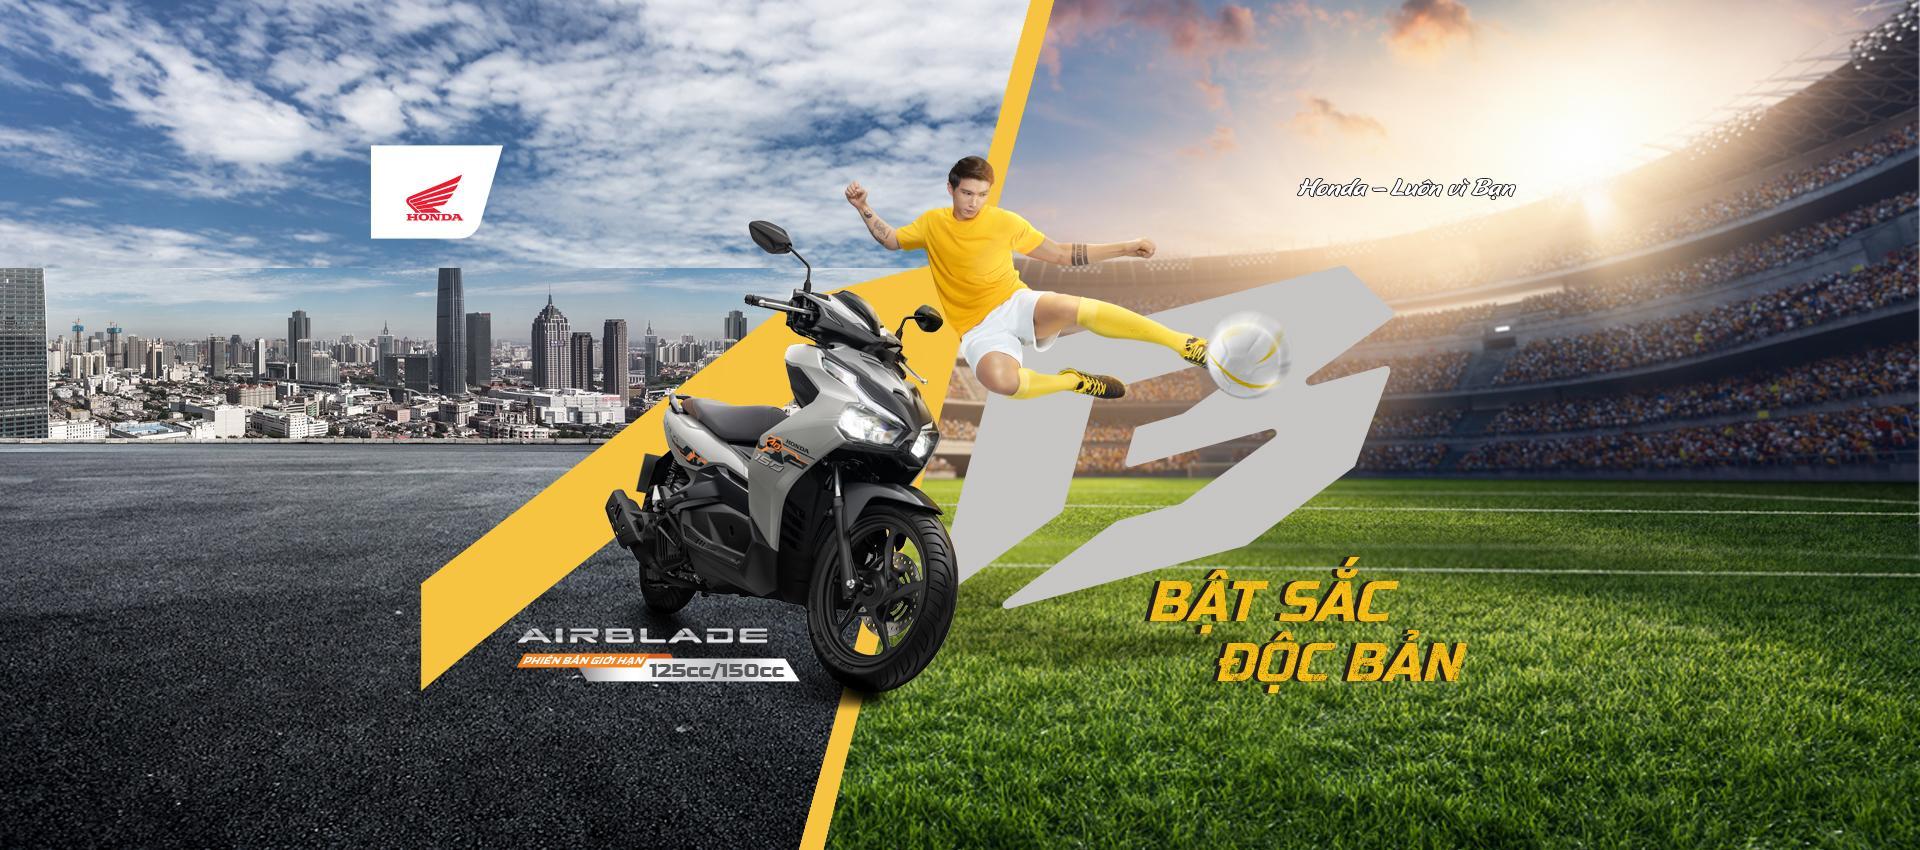 Air Blade sở hữu một thiết kế hiện đại, đột phá